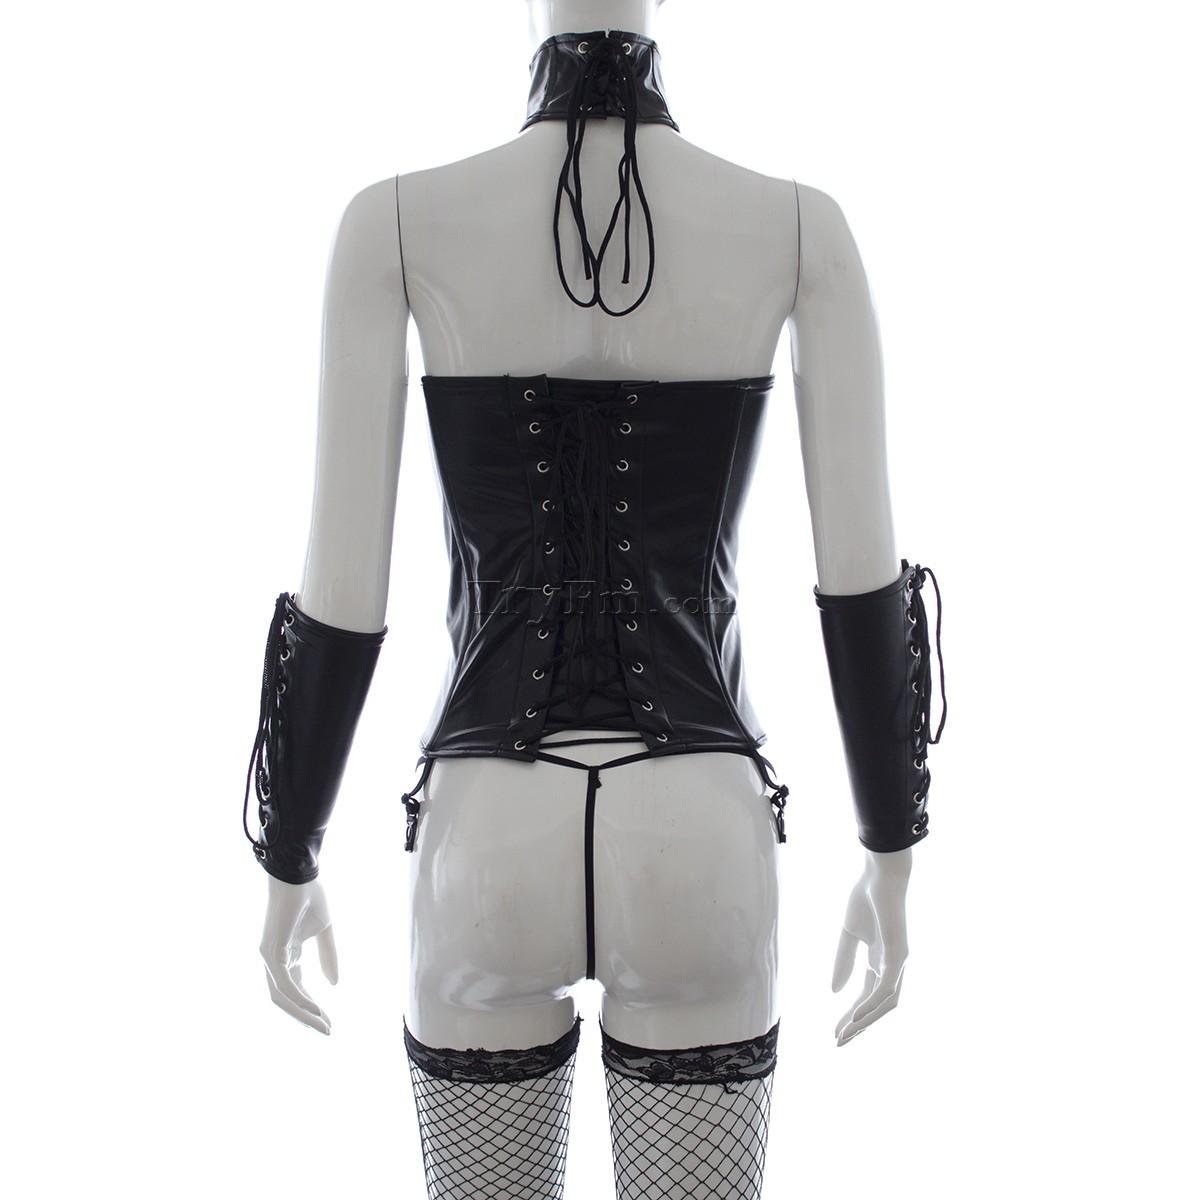 3-Wet-look-zip-corset-3.jpg